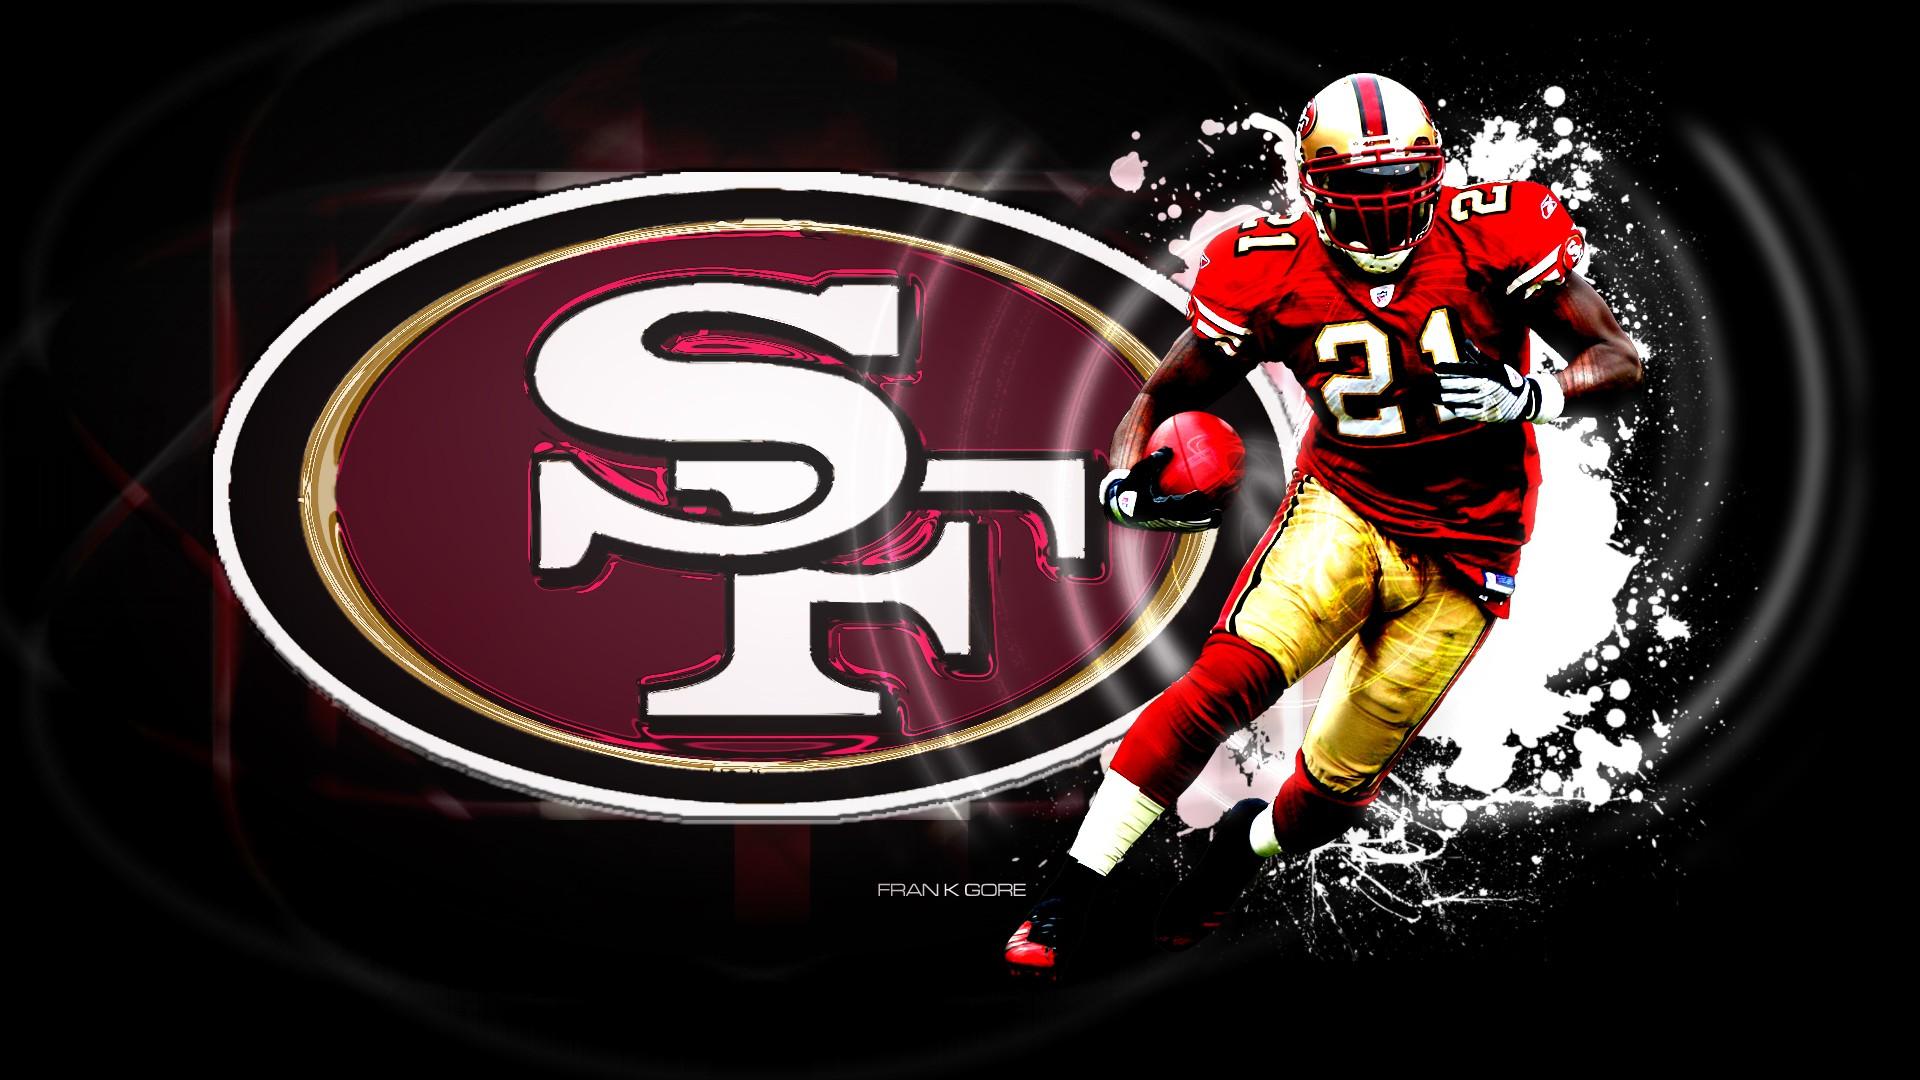 San Francisco 49ers wallpaper desktop wallpaper San Francisco 49ers 1920x1080